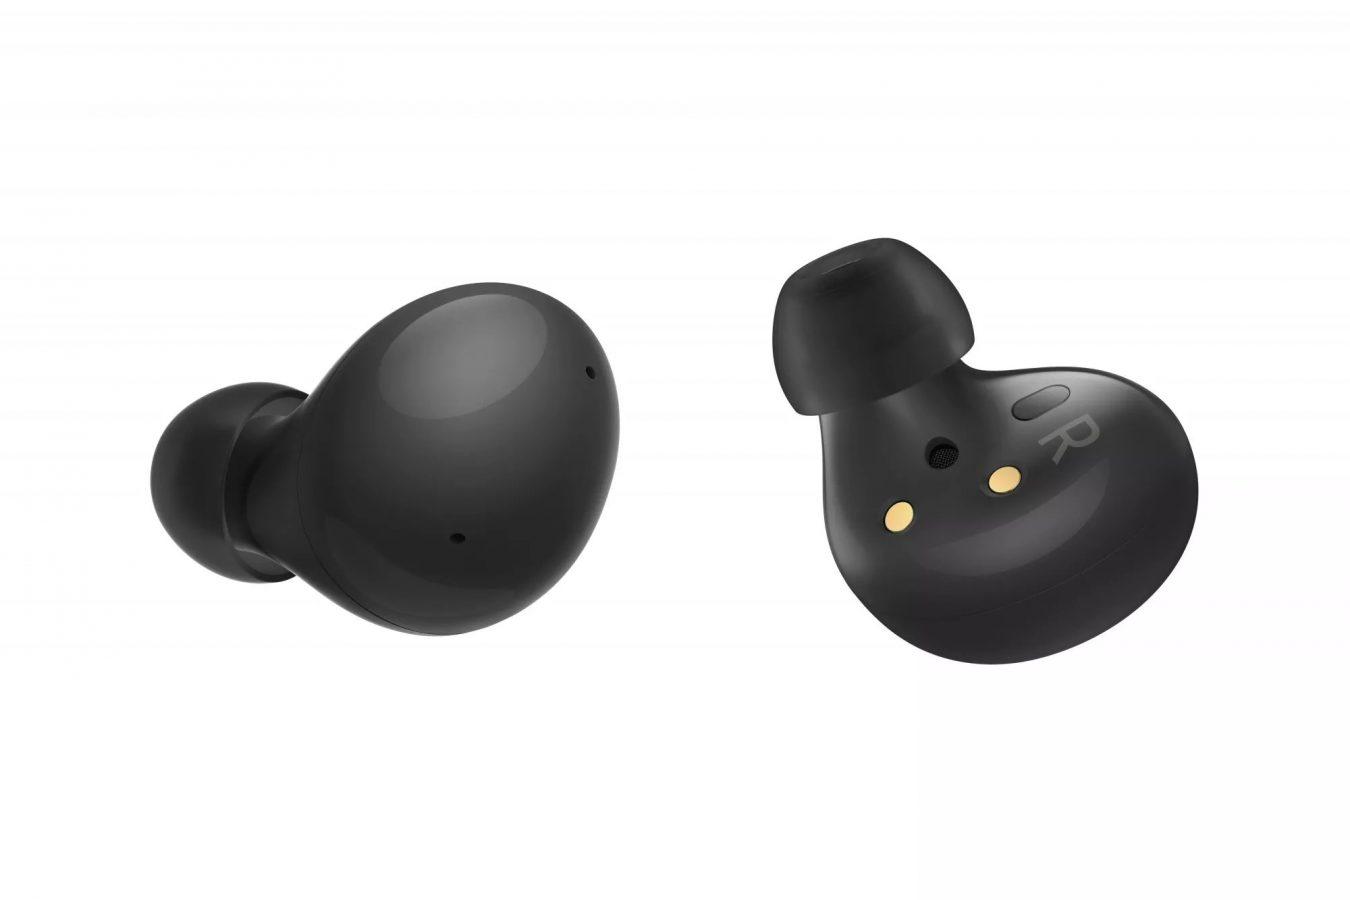 słuchawki bezprzewodowe Samsung Galaxy Buds 2 przeciek wireless headphones leak